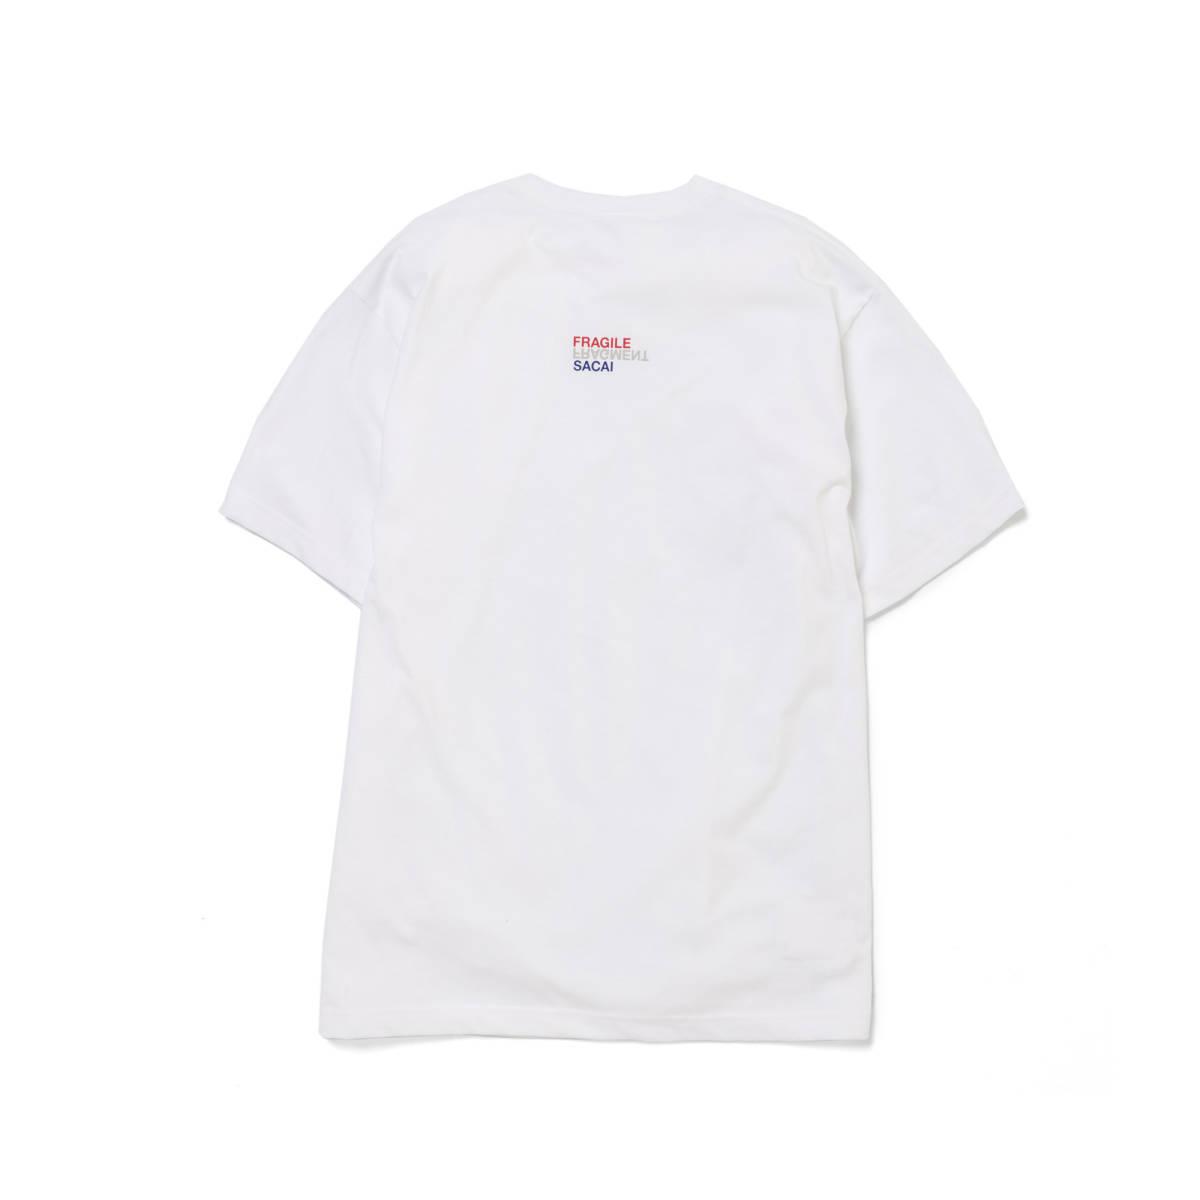 sacai サカイ × fragment designフラグメント デザイン Tシャツ Size3 white 藤原ヒロシ